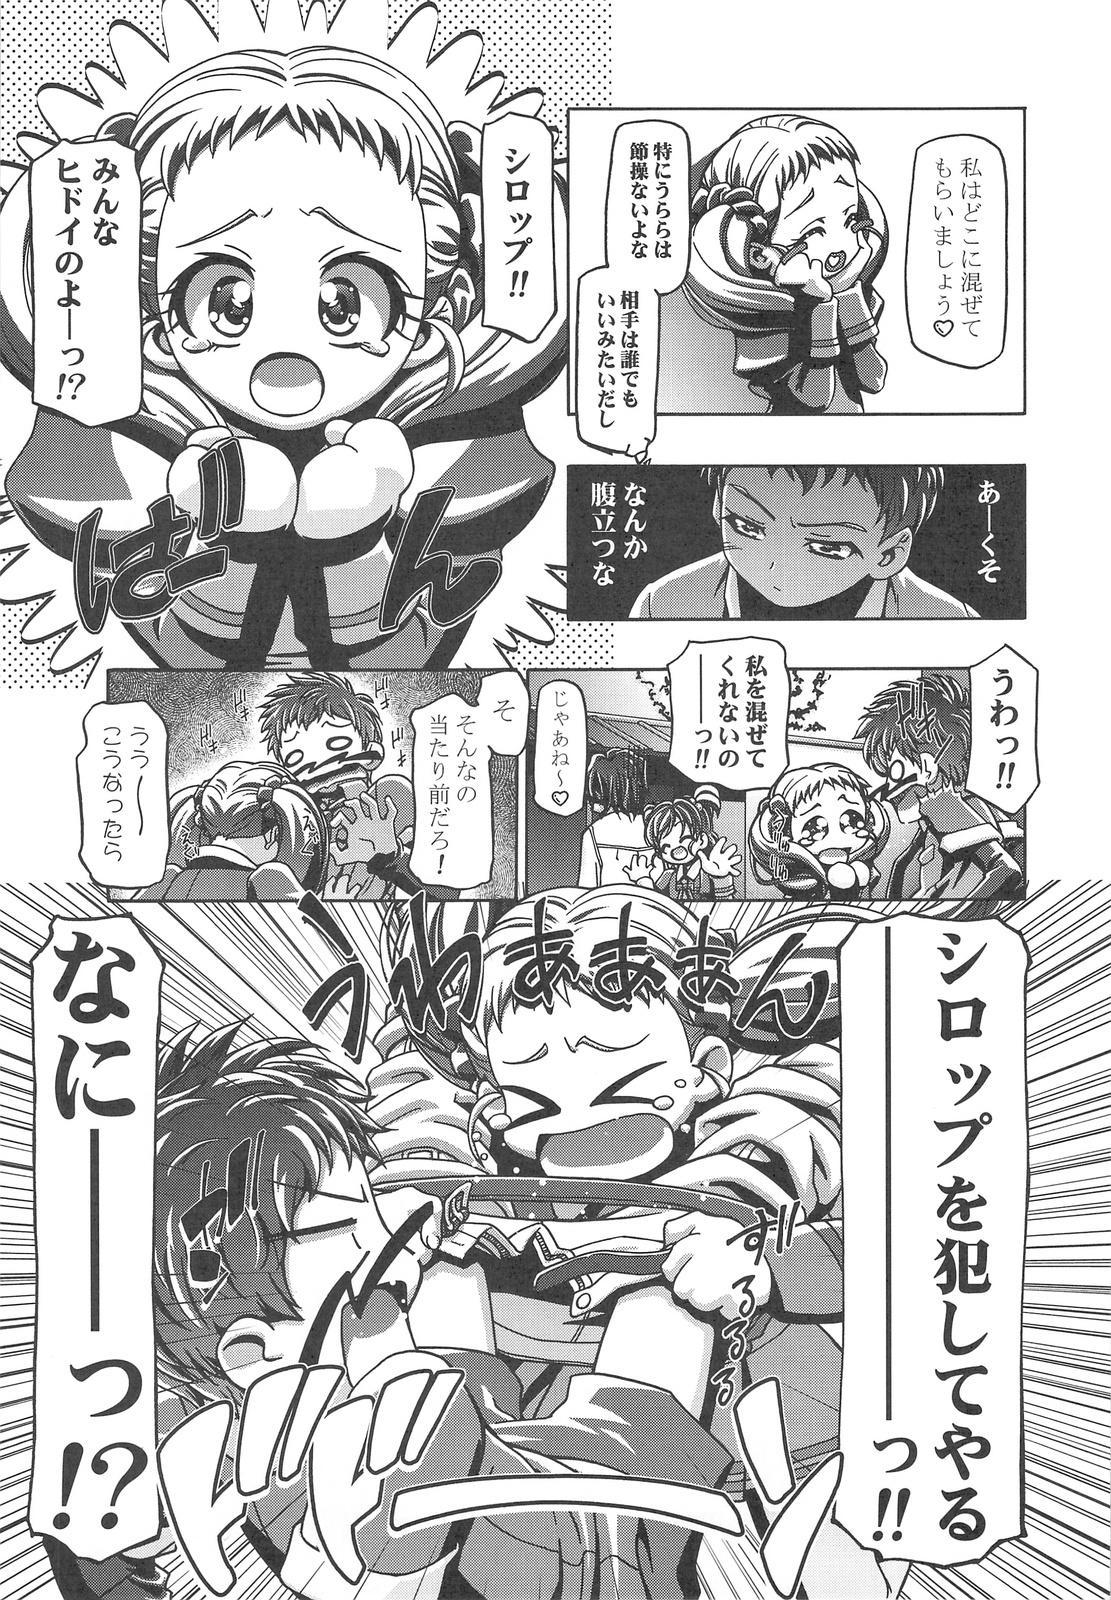 UraShiro 7